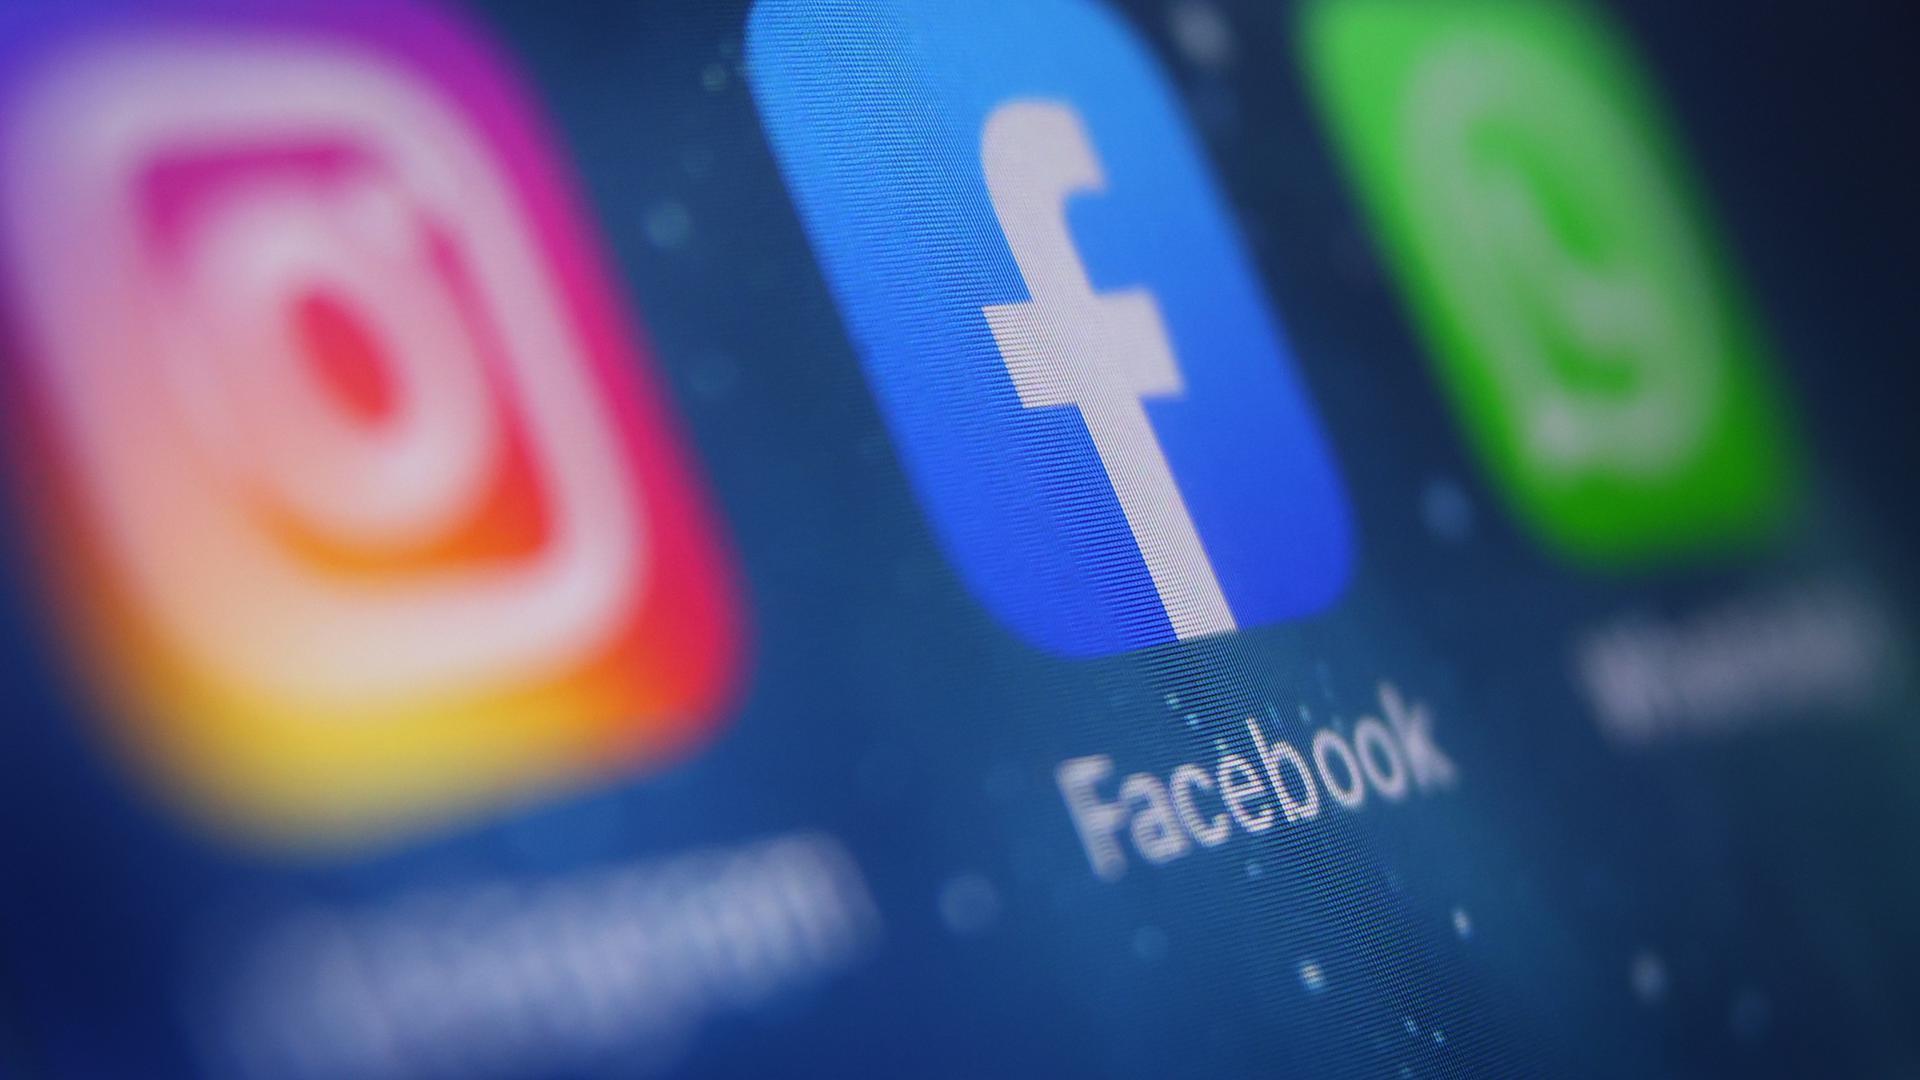 Auf dem Bildschirm eines Smartphones sind die Icons von Instagram, Facebook und WhatsApp zu sehen.